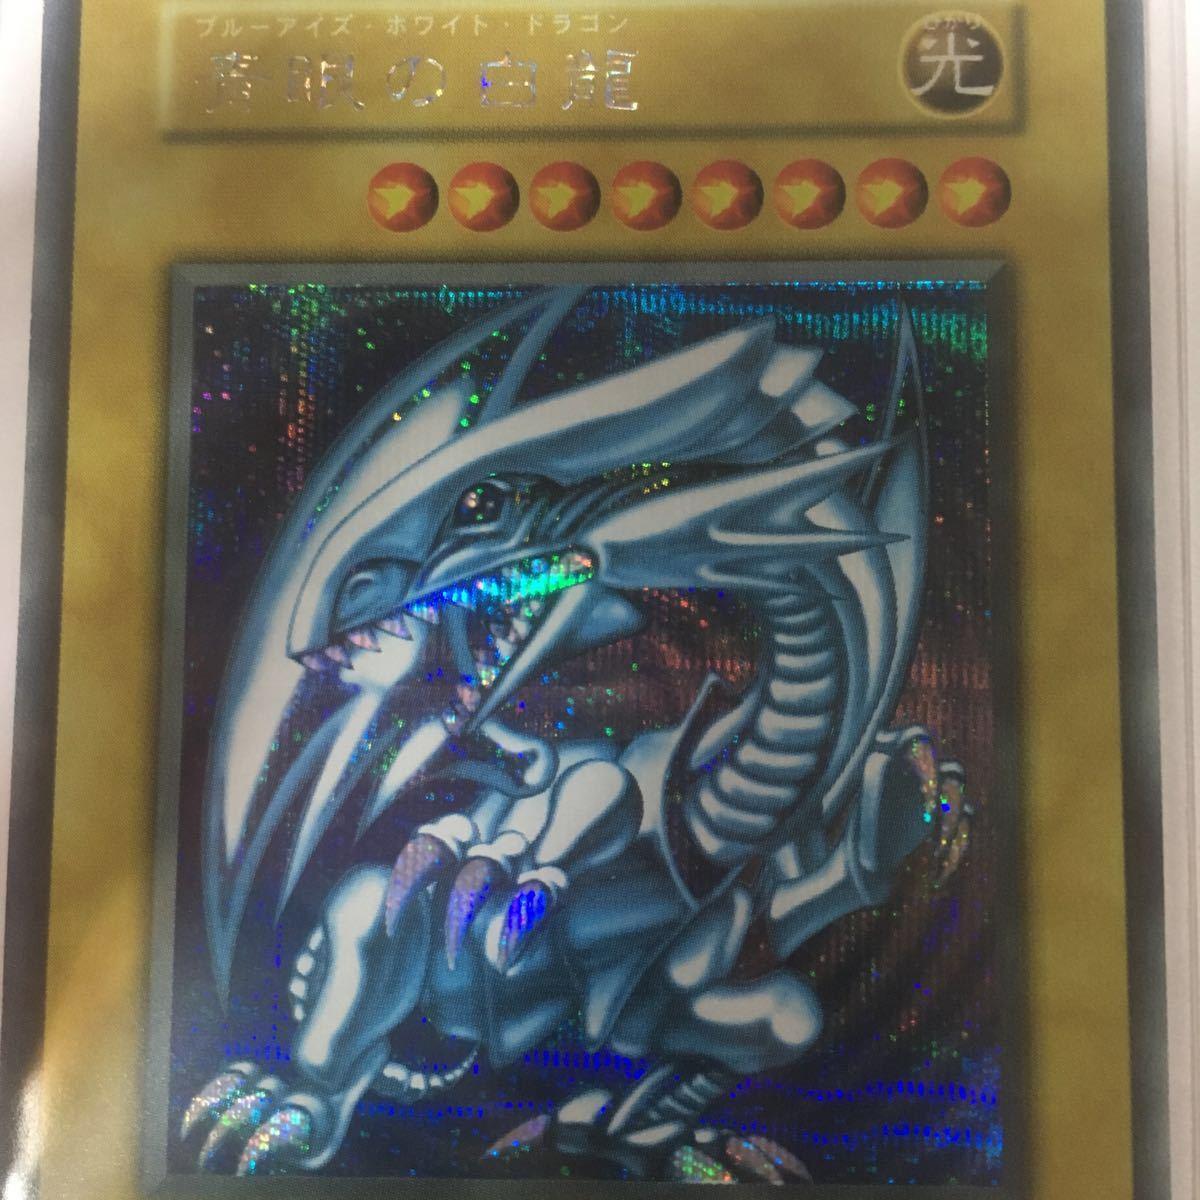 遊戯王 青眼の白龍 ブルーアイズホワイトドラゴン シクブル シークレットレア Vジャンプフェスタ 1000枚限定 _画像7